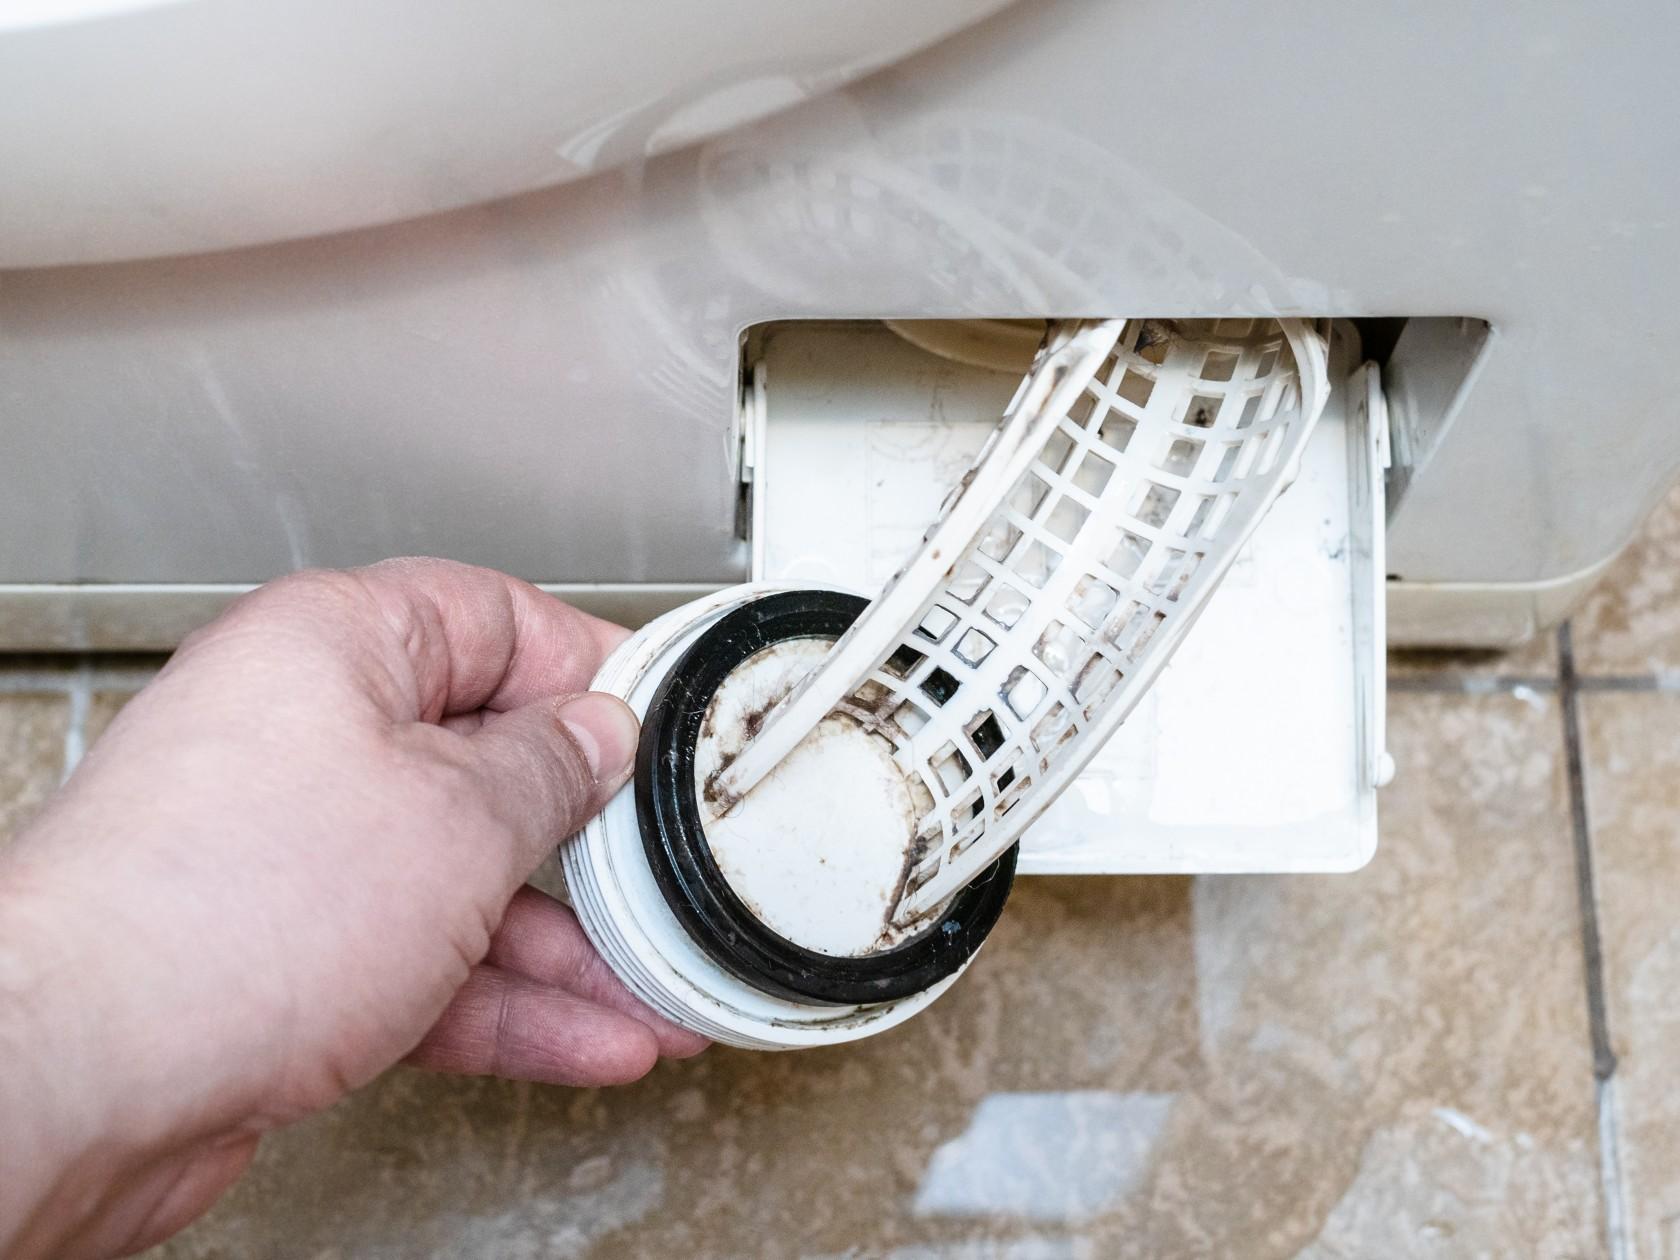 Waschmaschine Pumpe verstopft, Filter wird mit Hand herausgezogen